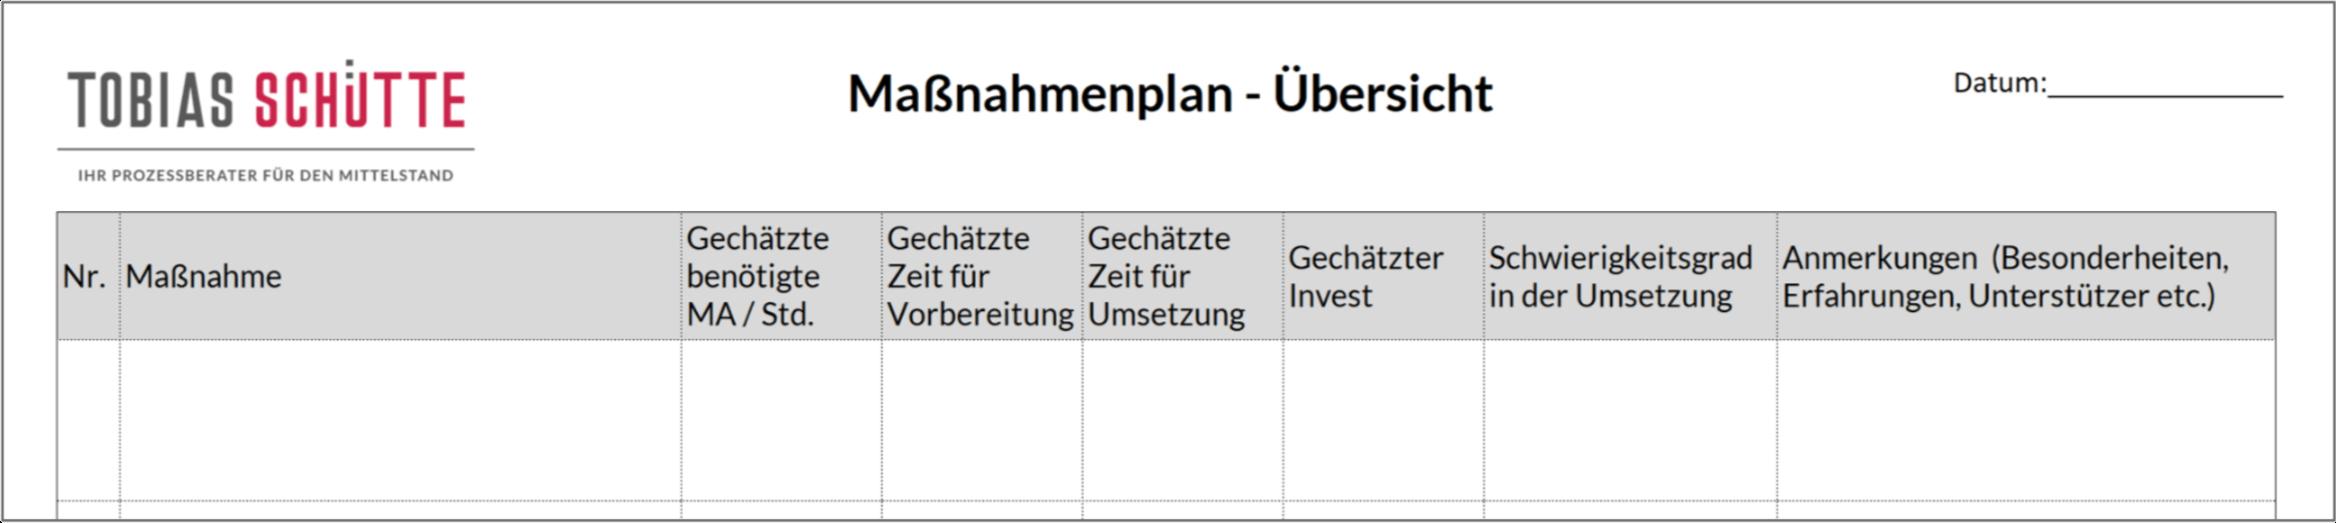 Das Bild zeigt einen Ausschnitt von einem Arbeitsblatt von Tobias Schütte, mit dem sich Maßnahmen gegen Fachkräftemangel leicht festhalten und bewerten lassen.